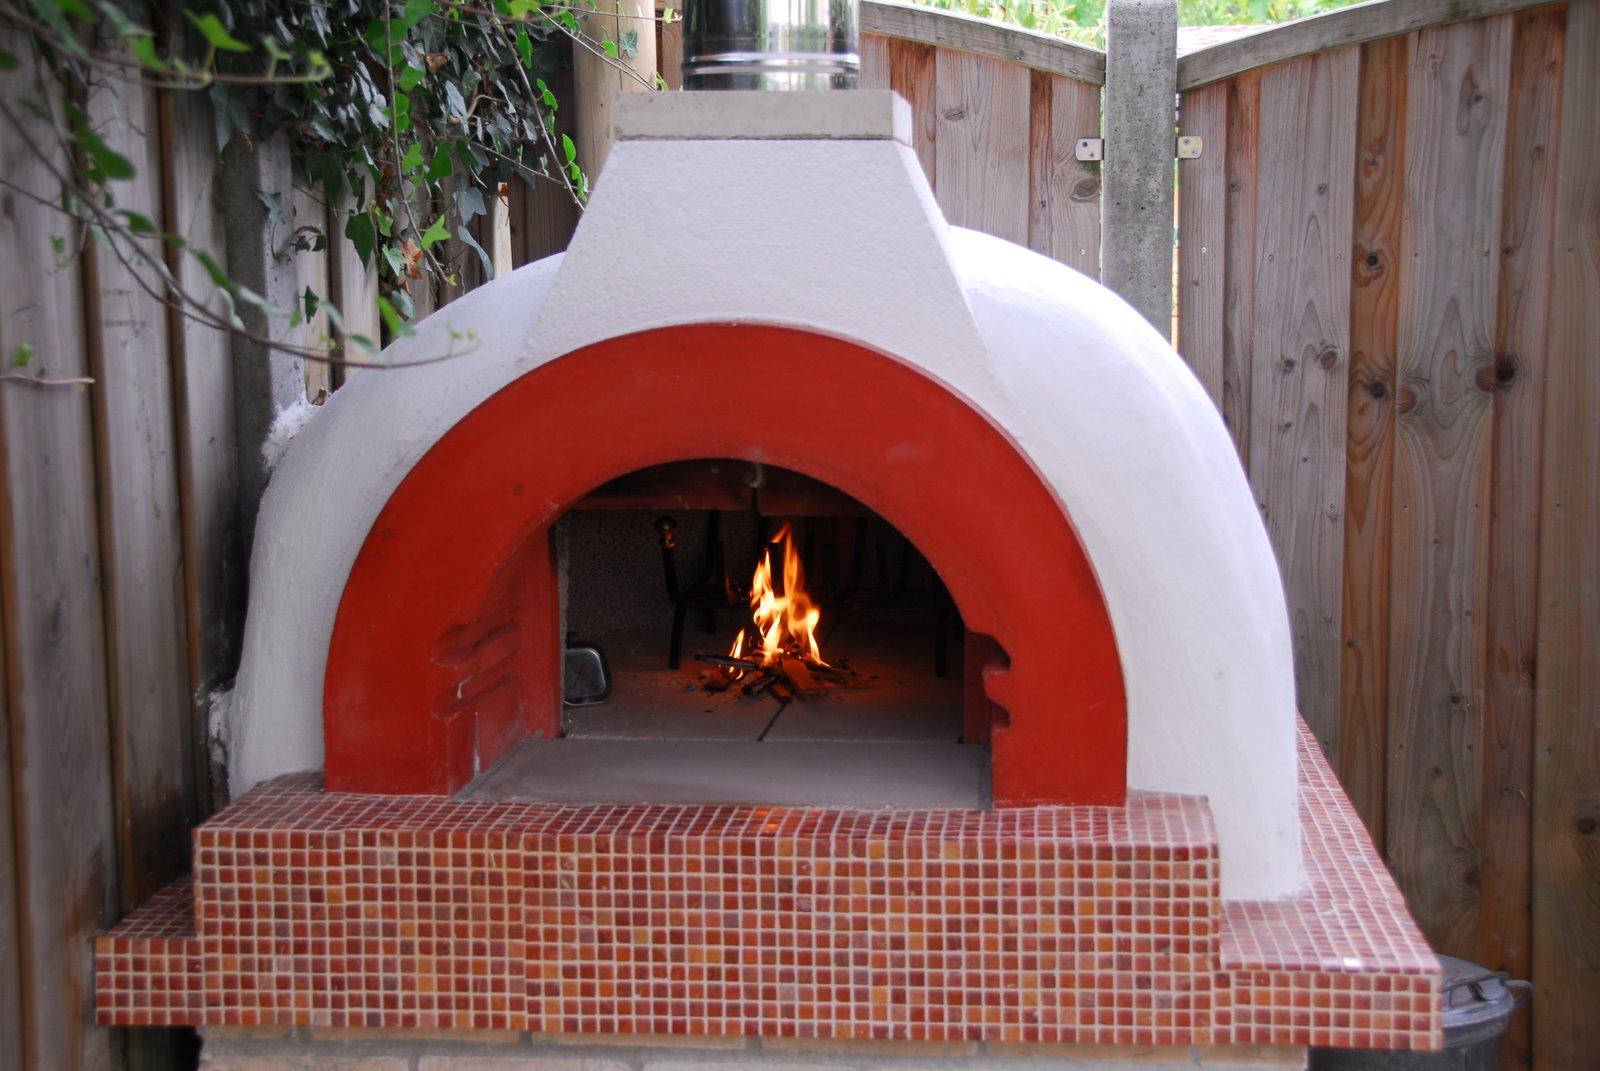 Forno a legna domestico capri zio ciro forni a legna all 39 italiana - Forno per pizza domestico ...